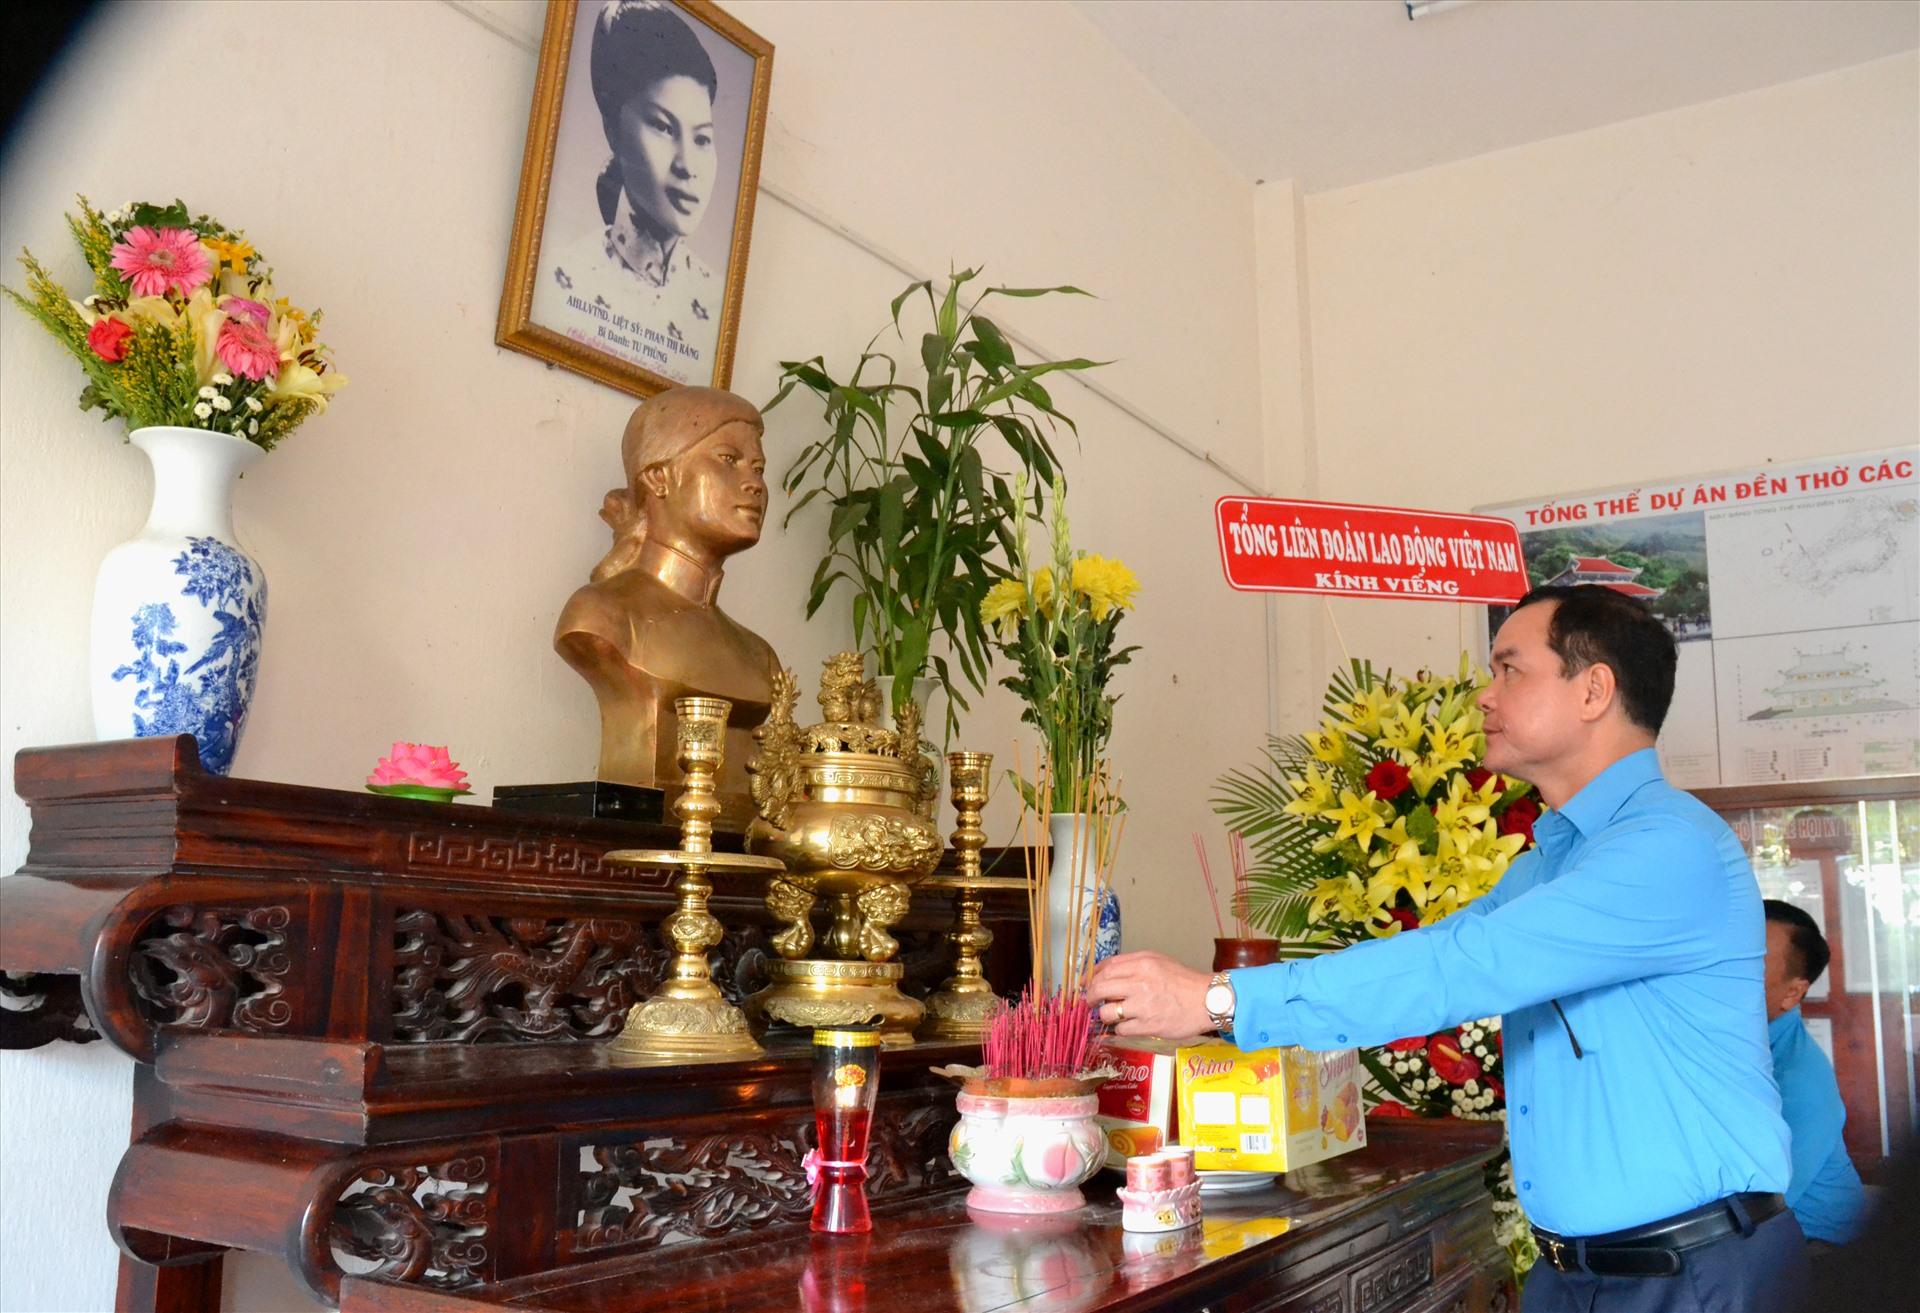 Dâng hoa thắp hương tại Đền thờ Anh hùng liệt sĩ Phan Thị Ràng tại Hòn Đất. Ảnh: LT